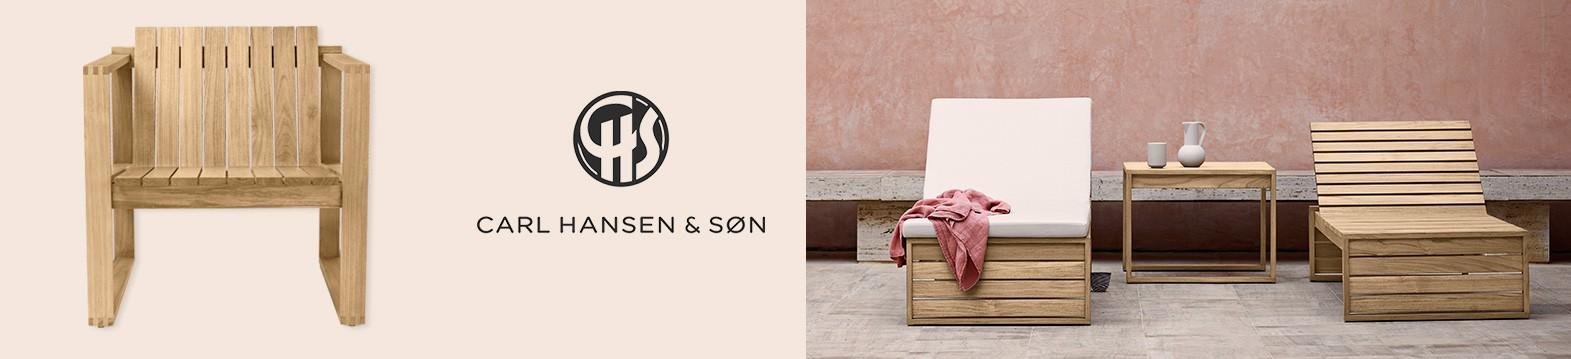 Traslada la calidez al exterior con la colección de exterior Carl Hansen & Son. Venta online en Moisés Showroom